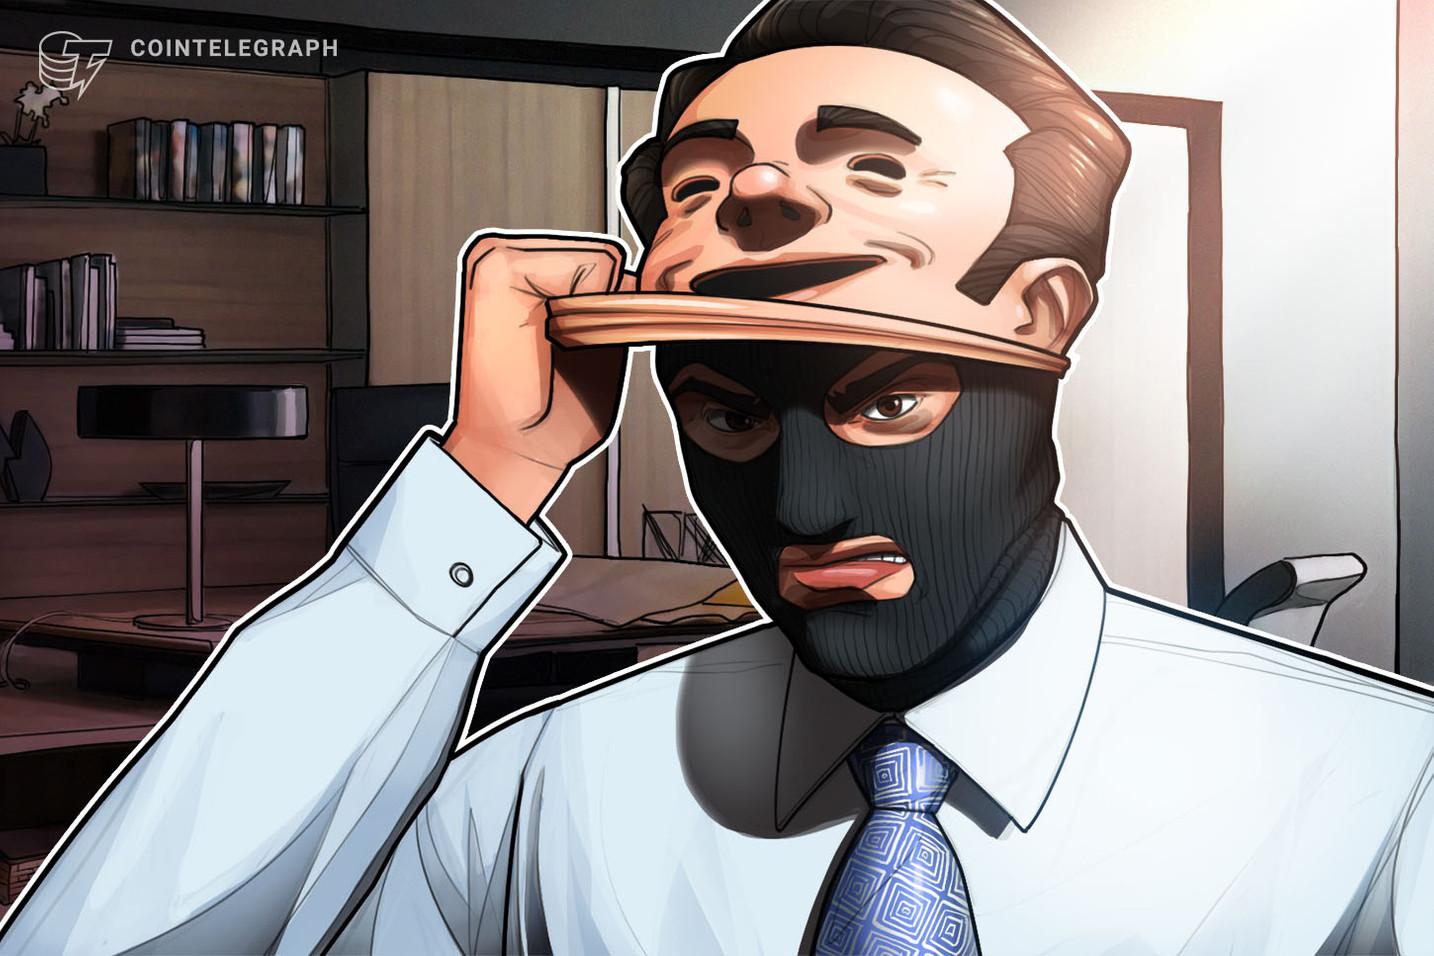 Anuncio de servicio público: Cuidado con los impostores que se hacen pasar por periodistas de Cointelegraph